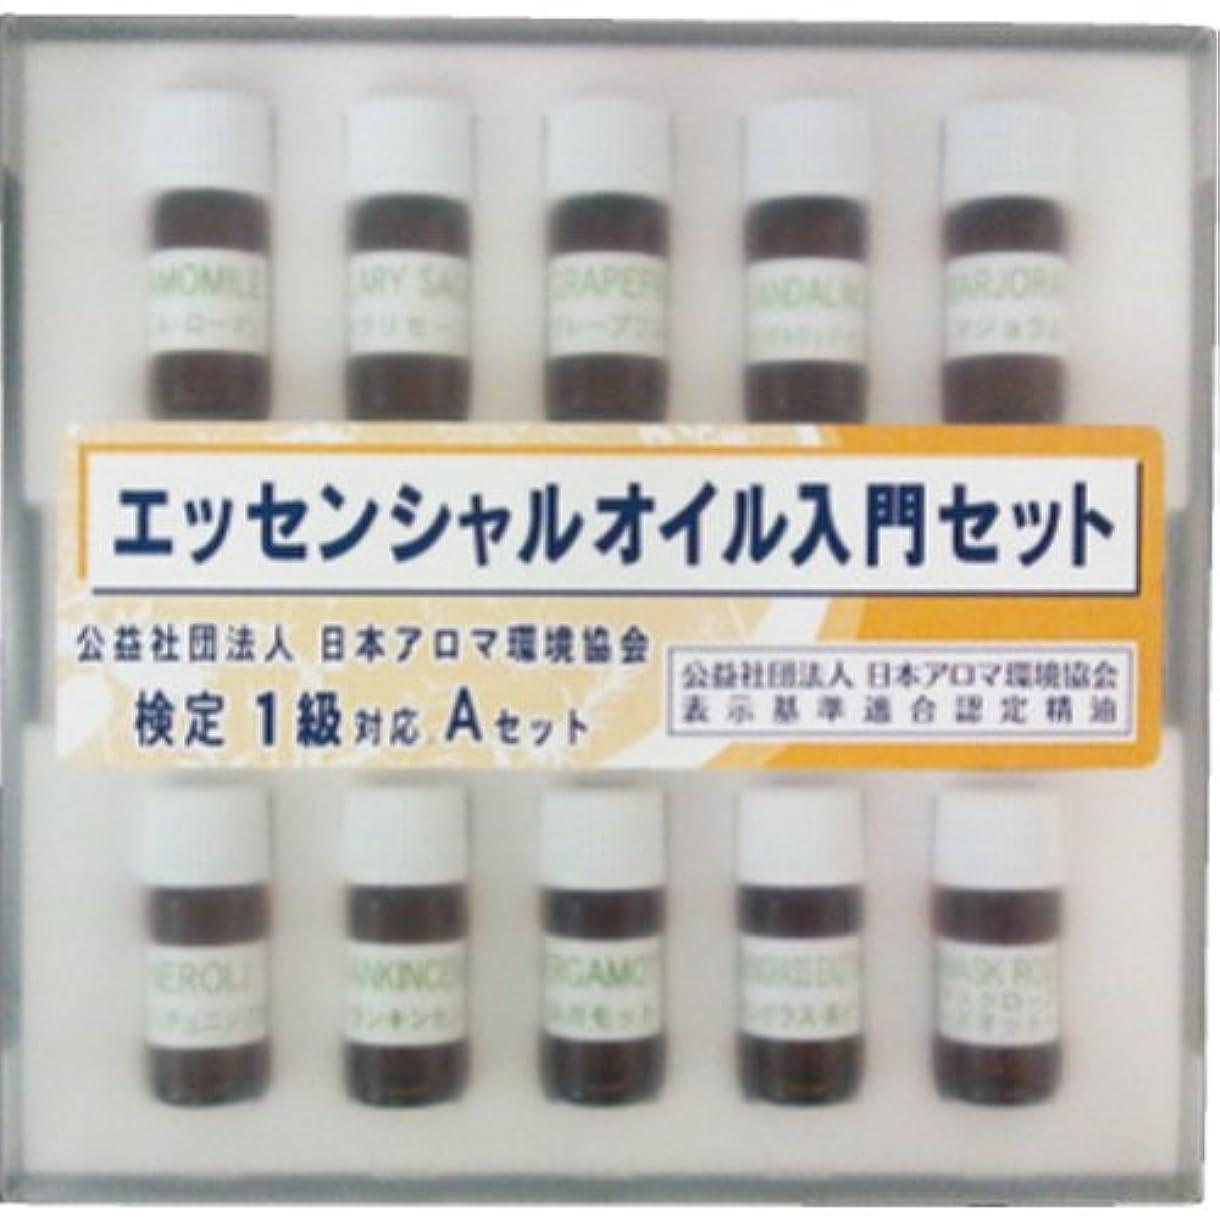 コマース面倒通信網生活の木 (公社)日本アロマ環境協会資格試験対応セット 検定1級対応Aセット